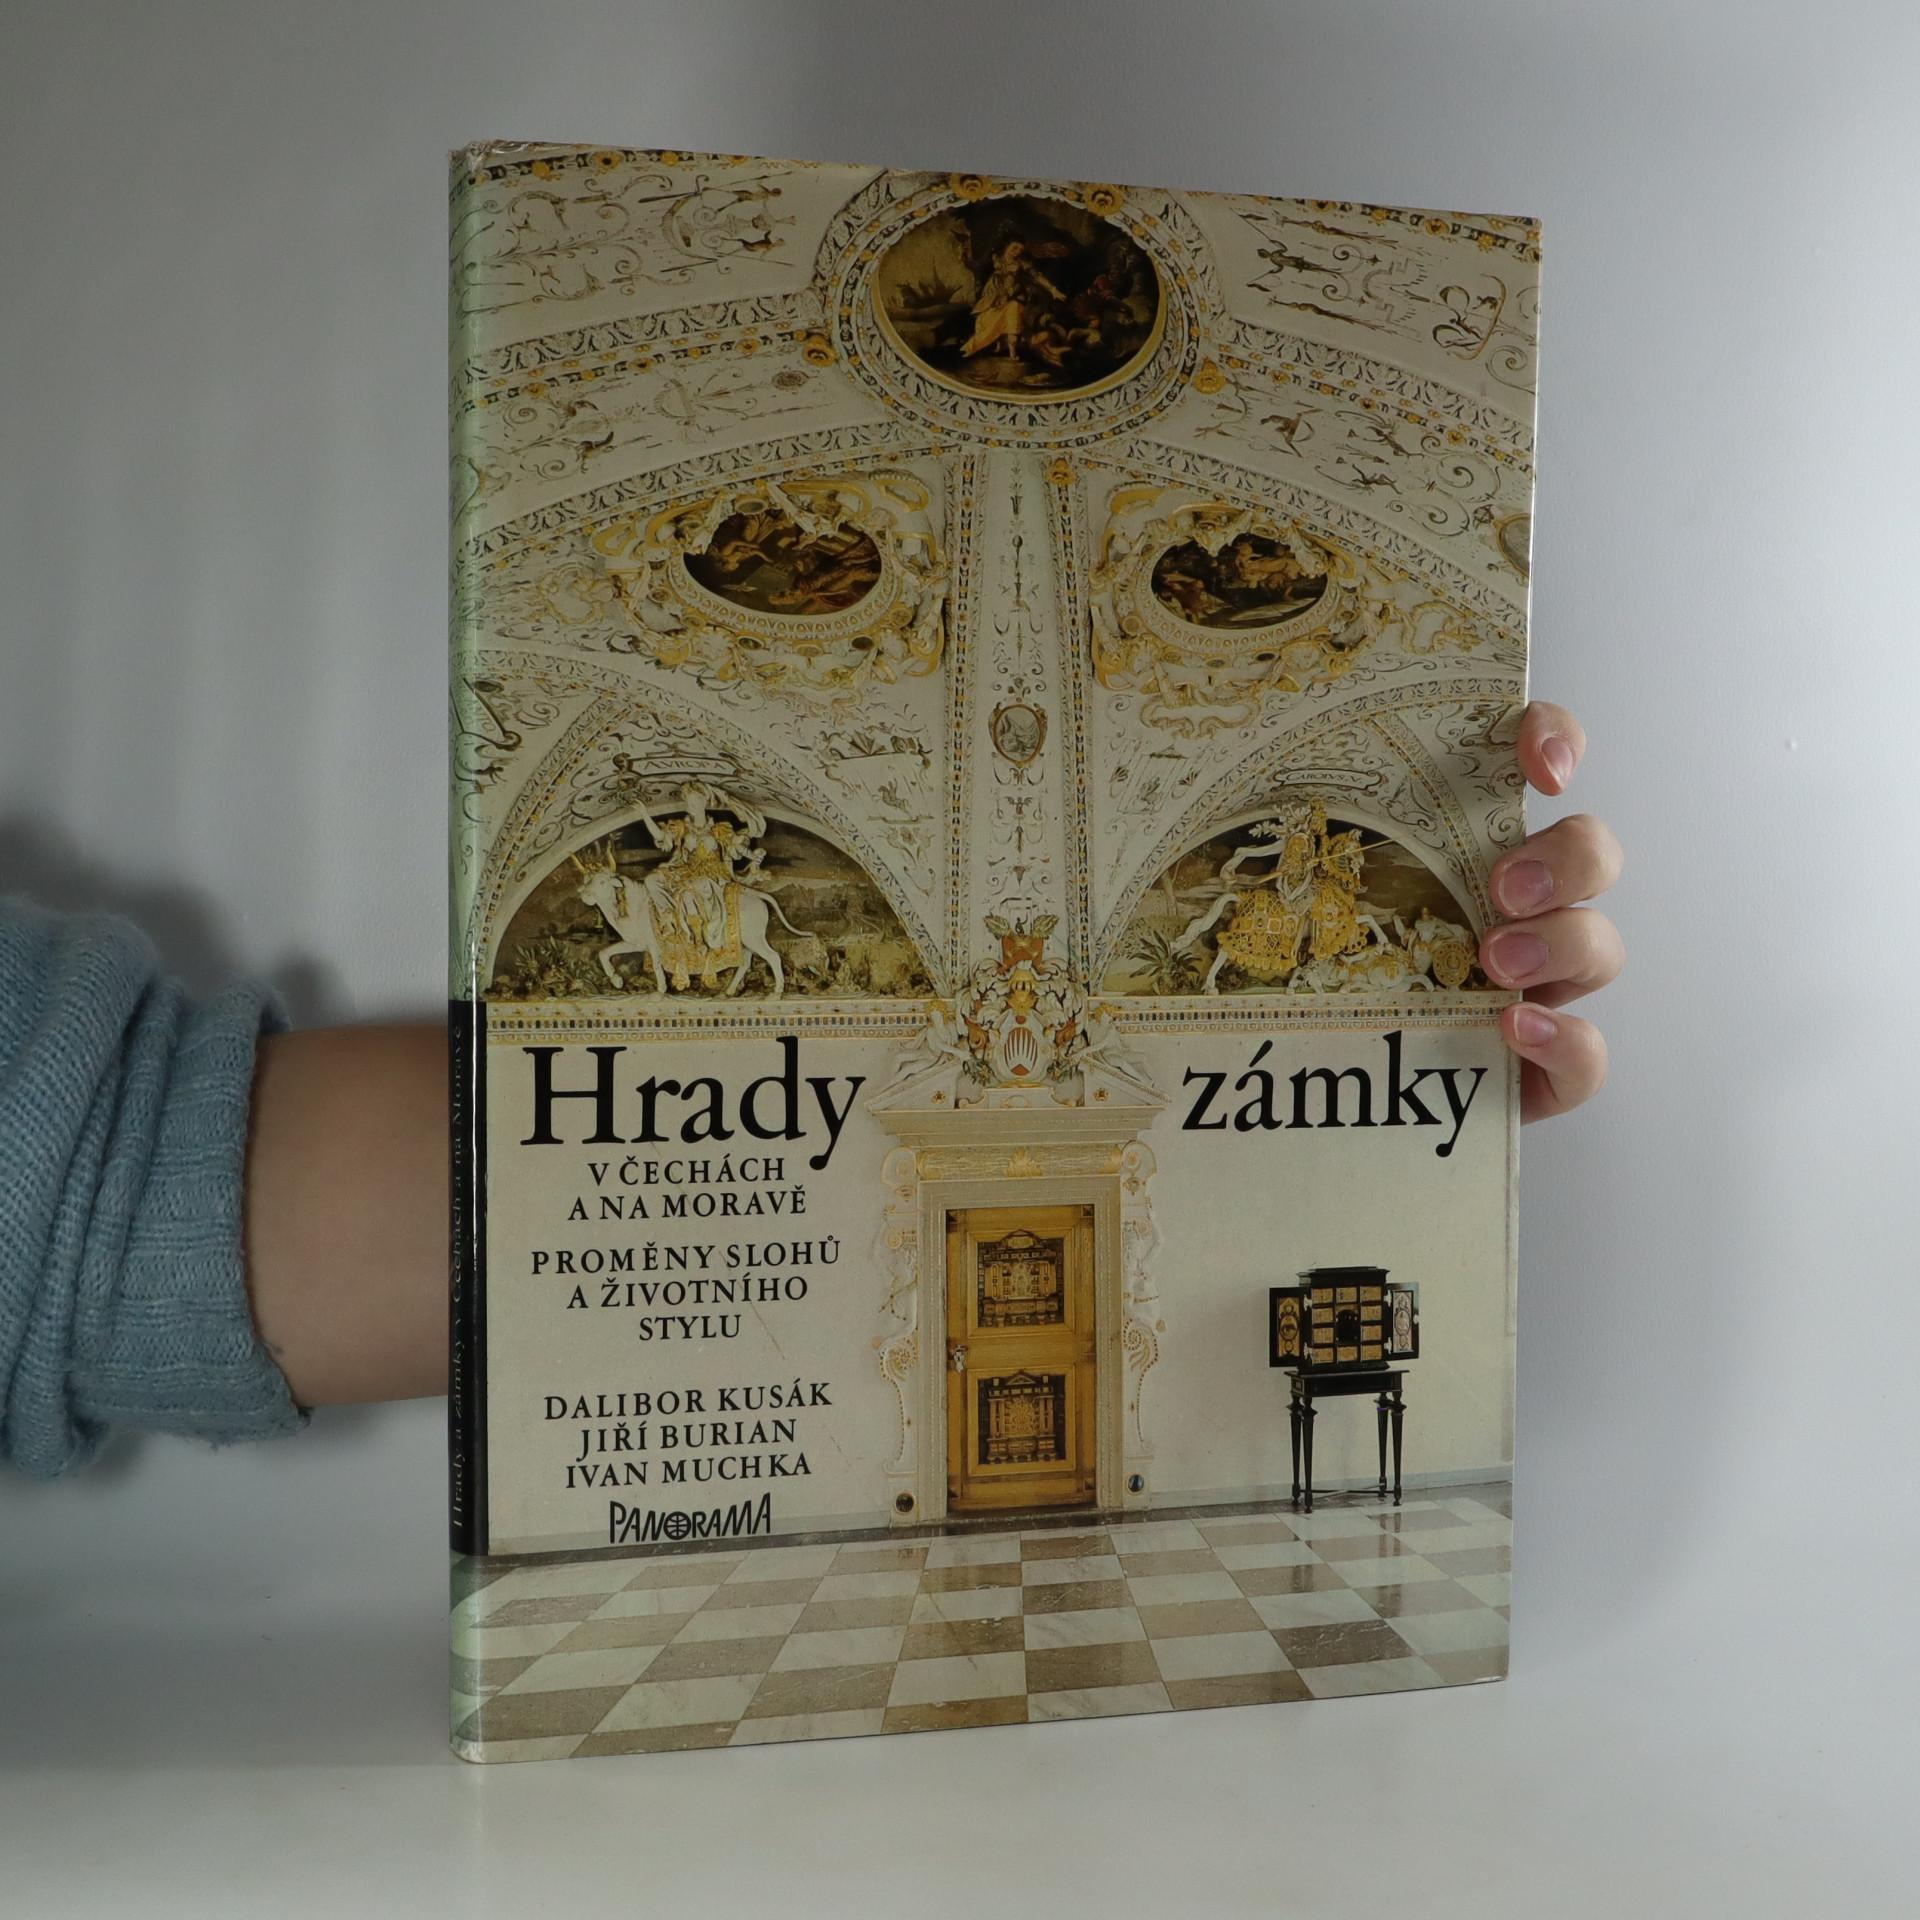 antikvární kniha Hrady a zámky v Čechách a na Moravě. Proměny slohů a životního stylu, 1980